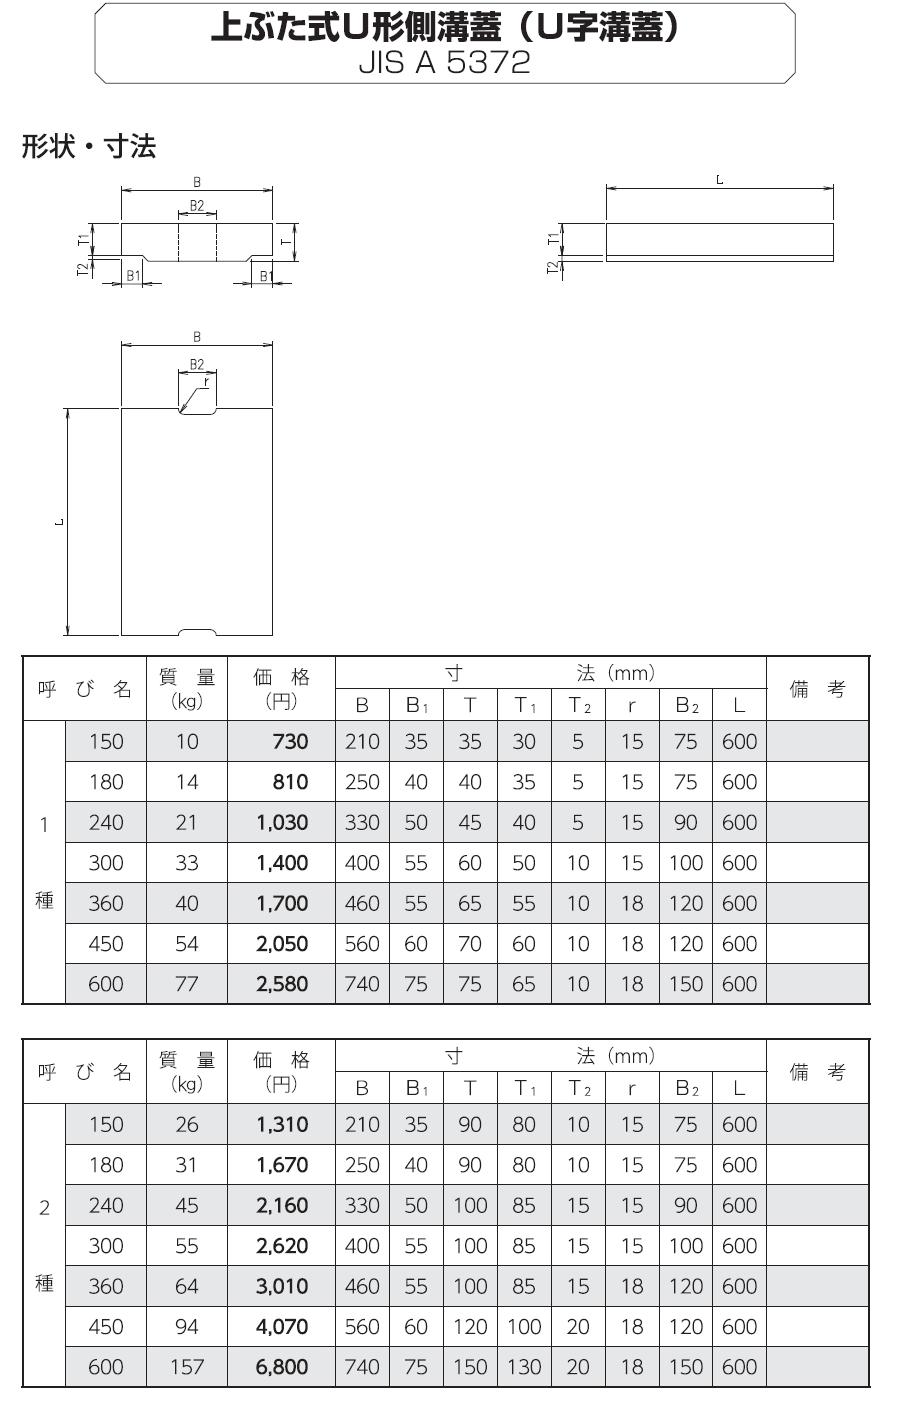 道路用一般側溝|上ぶた式U形側溝(U字溝)<JIS規格> 外形寸法 1